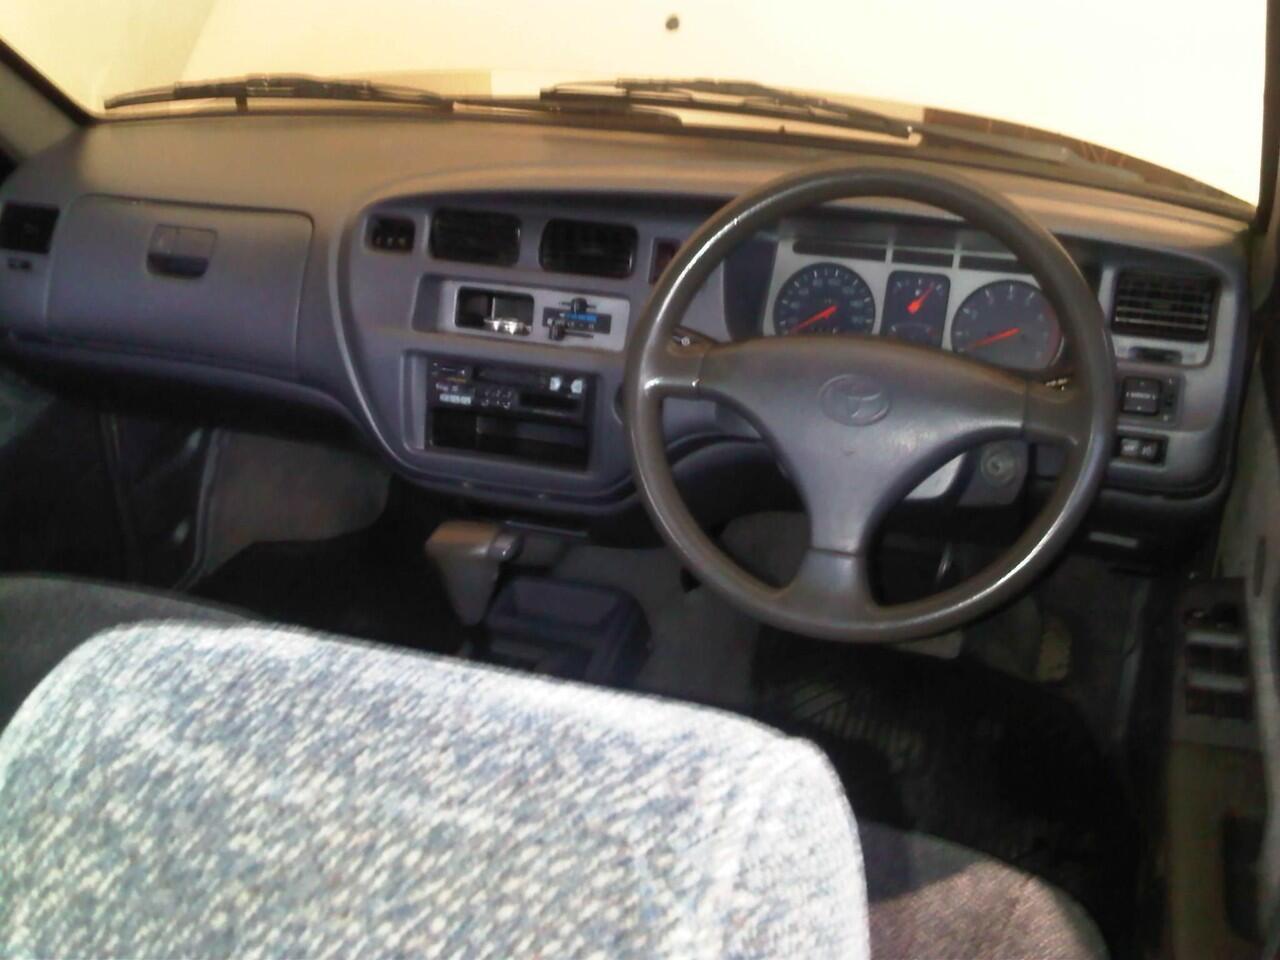 Toyota Kijang LGX 2.0 Matic Th 2002